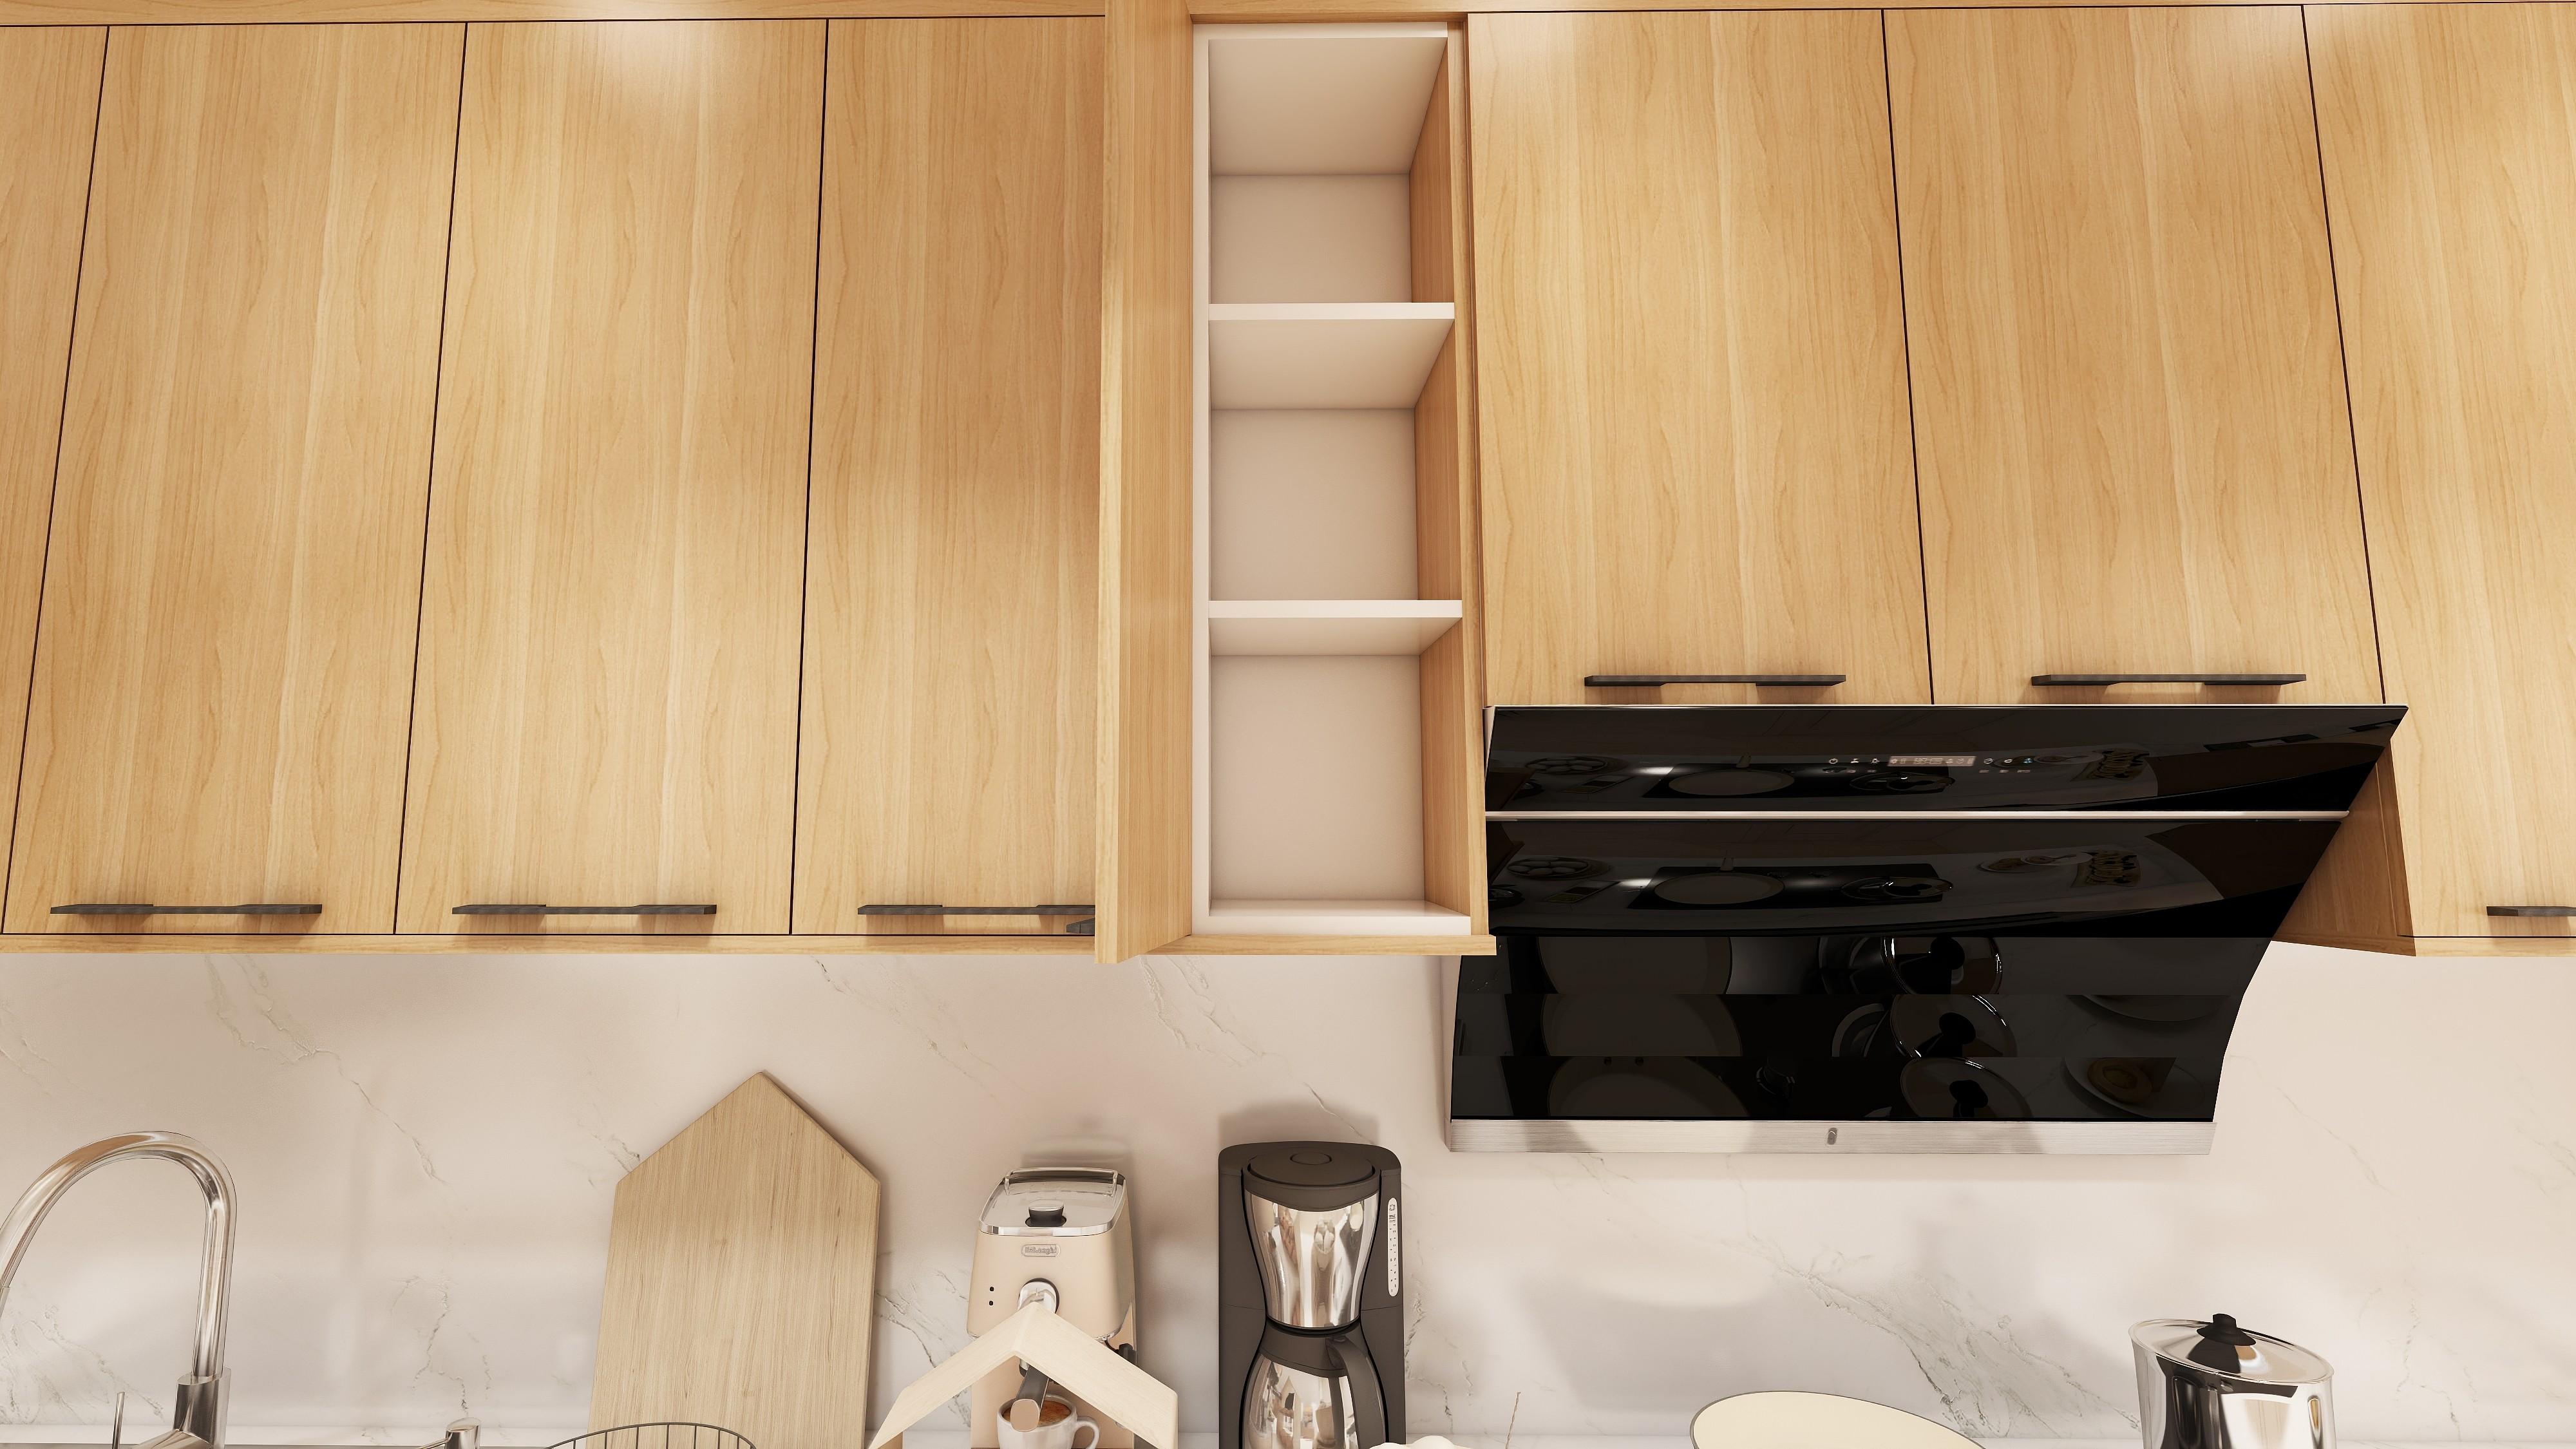 Bộ tủ bếp chữ I hiện đại gỗ công nghiệp An Cường phủ Melamine